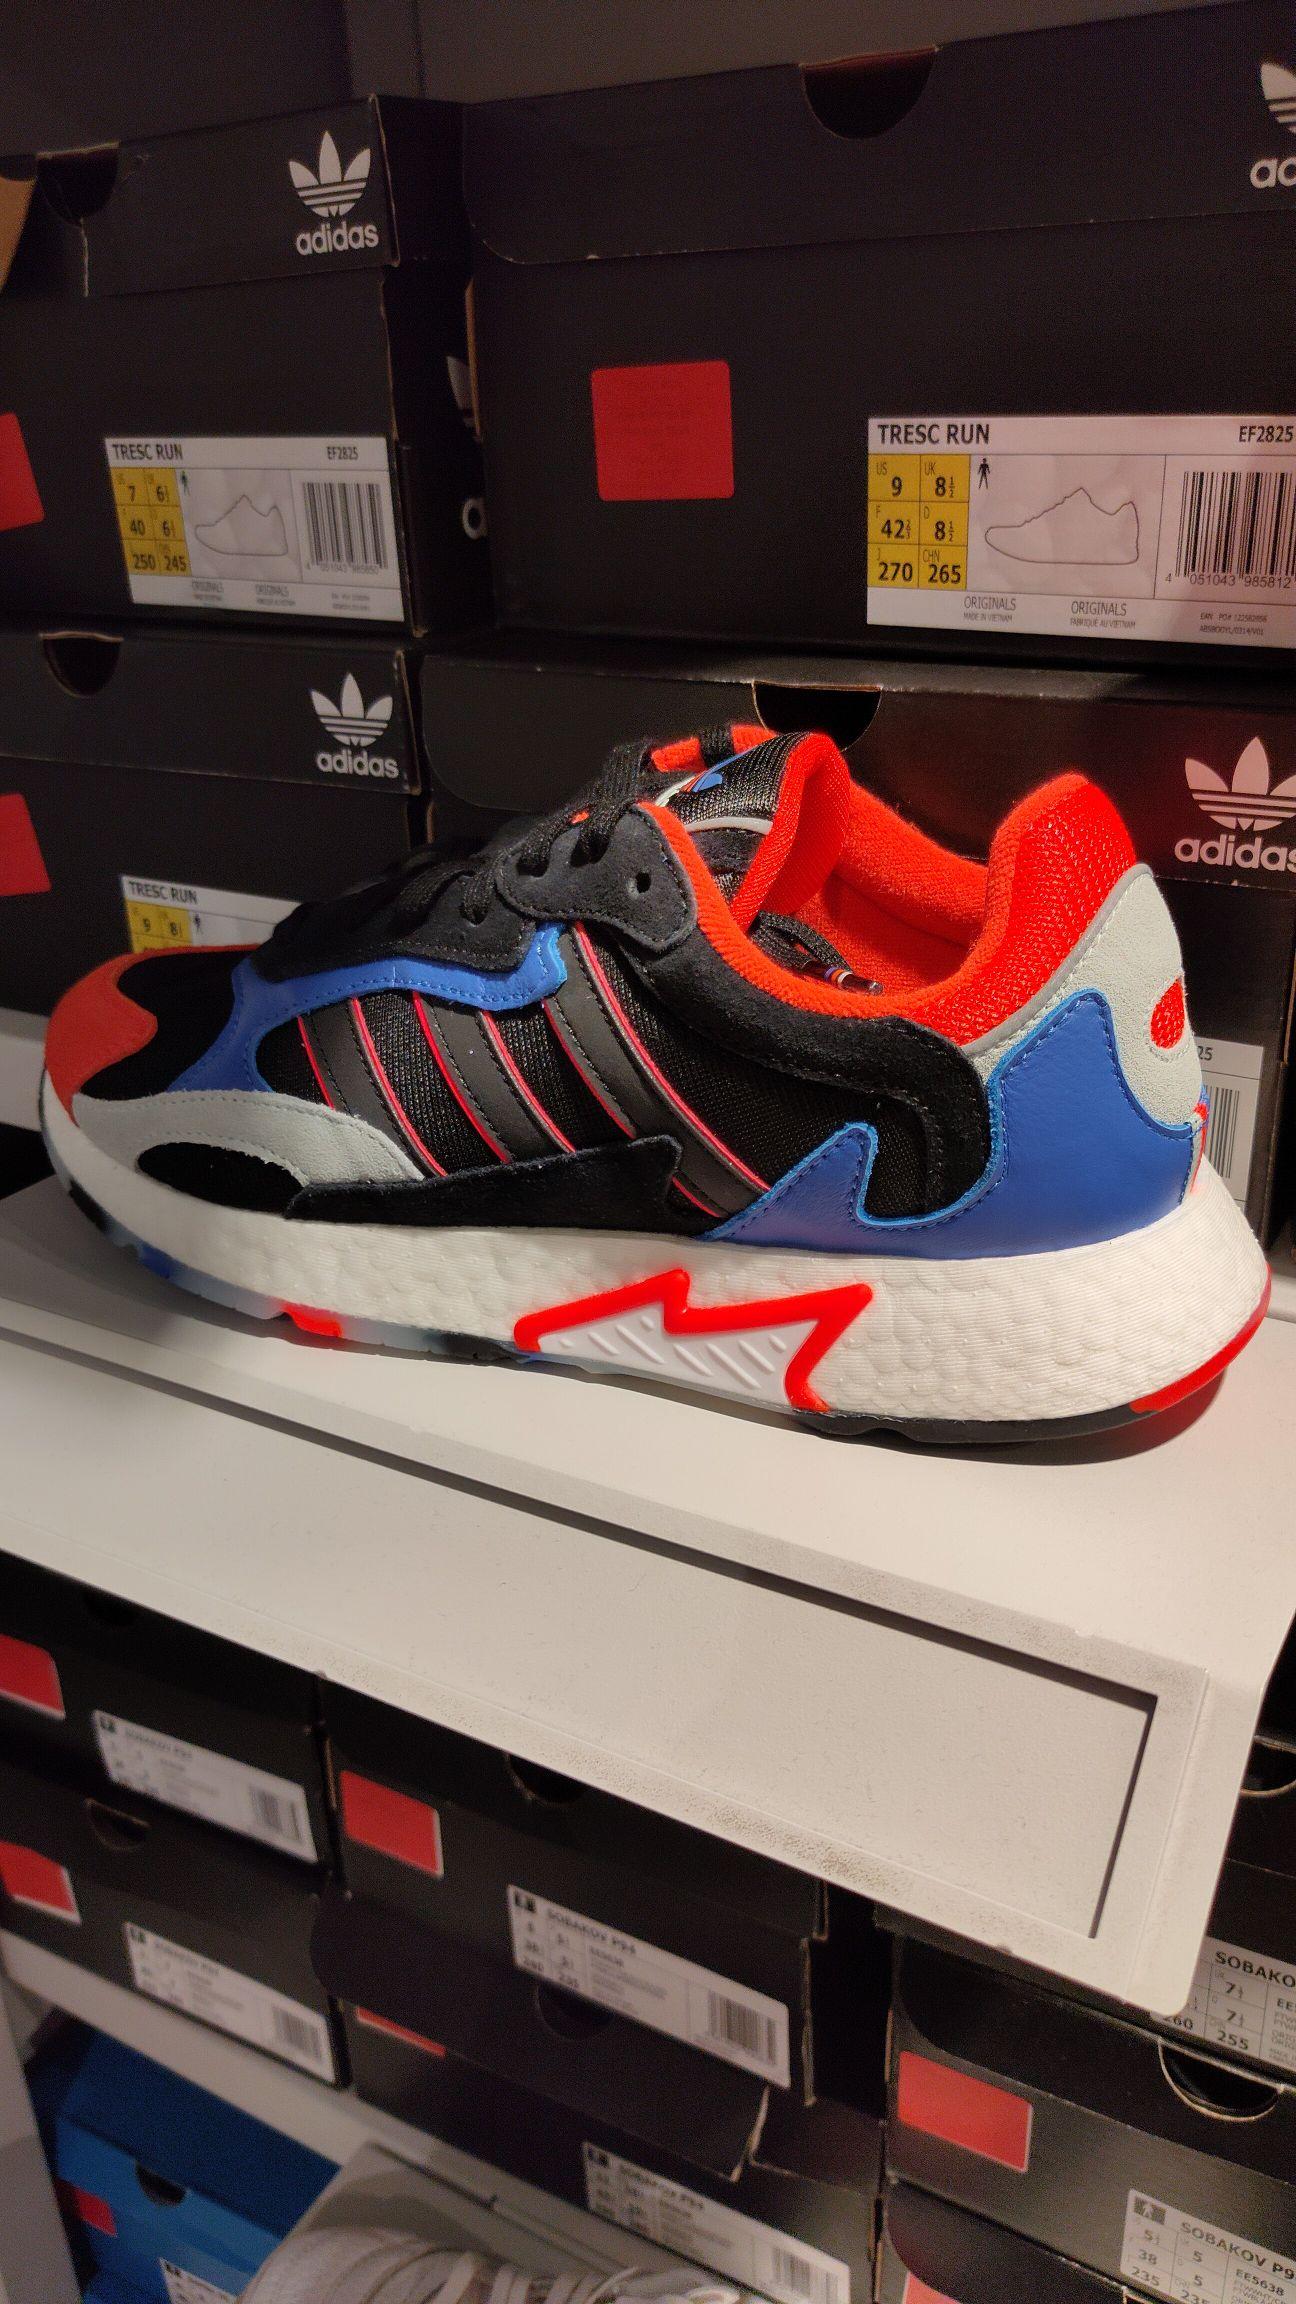 Adidas TRESC RUN en The style outlet de las Rozas